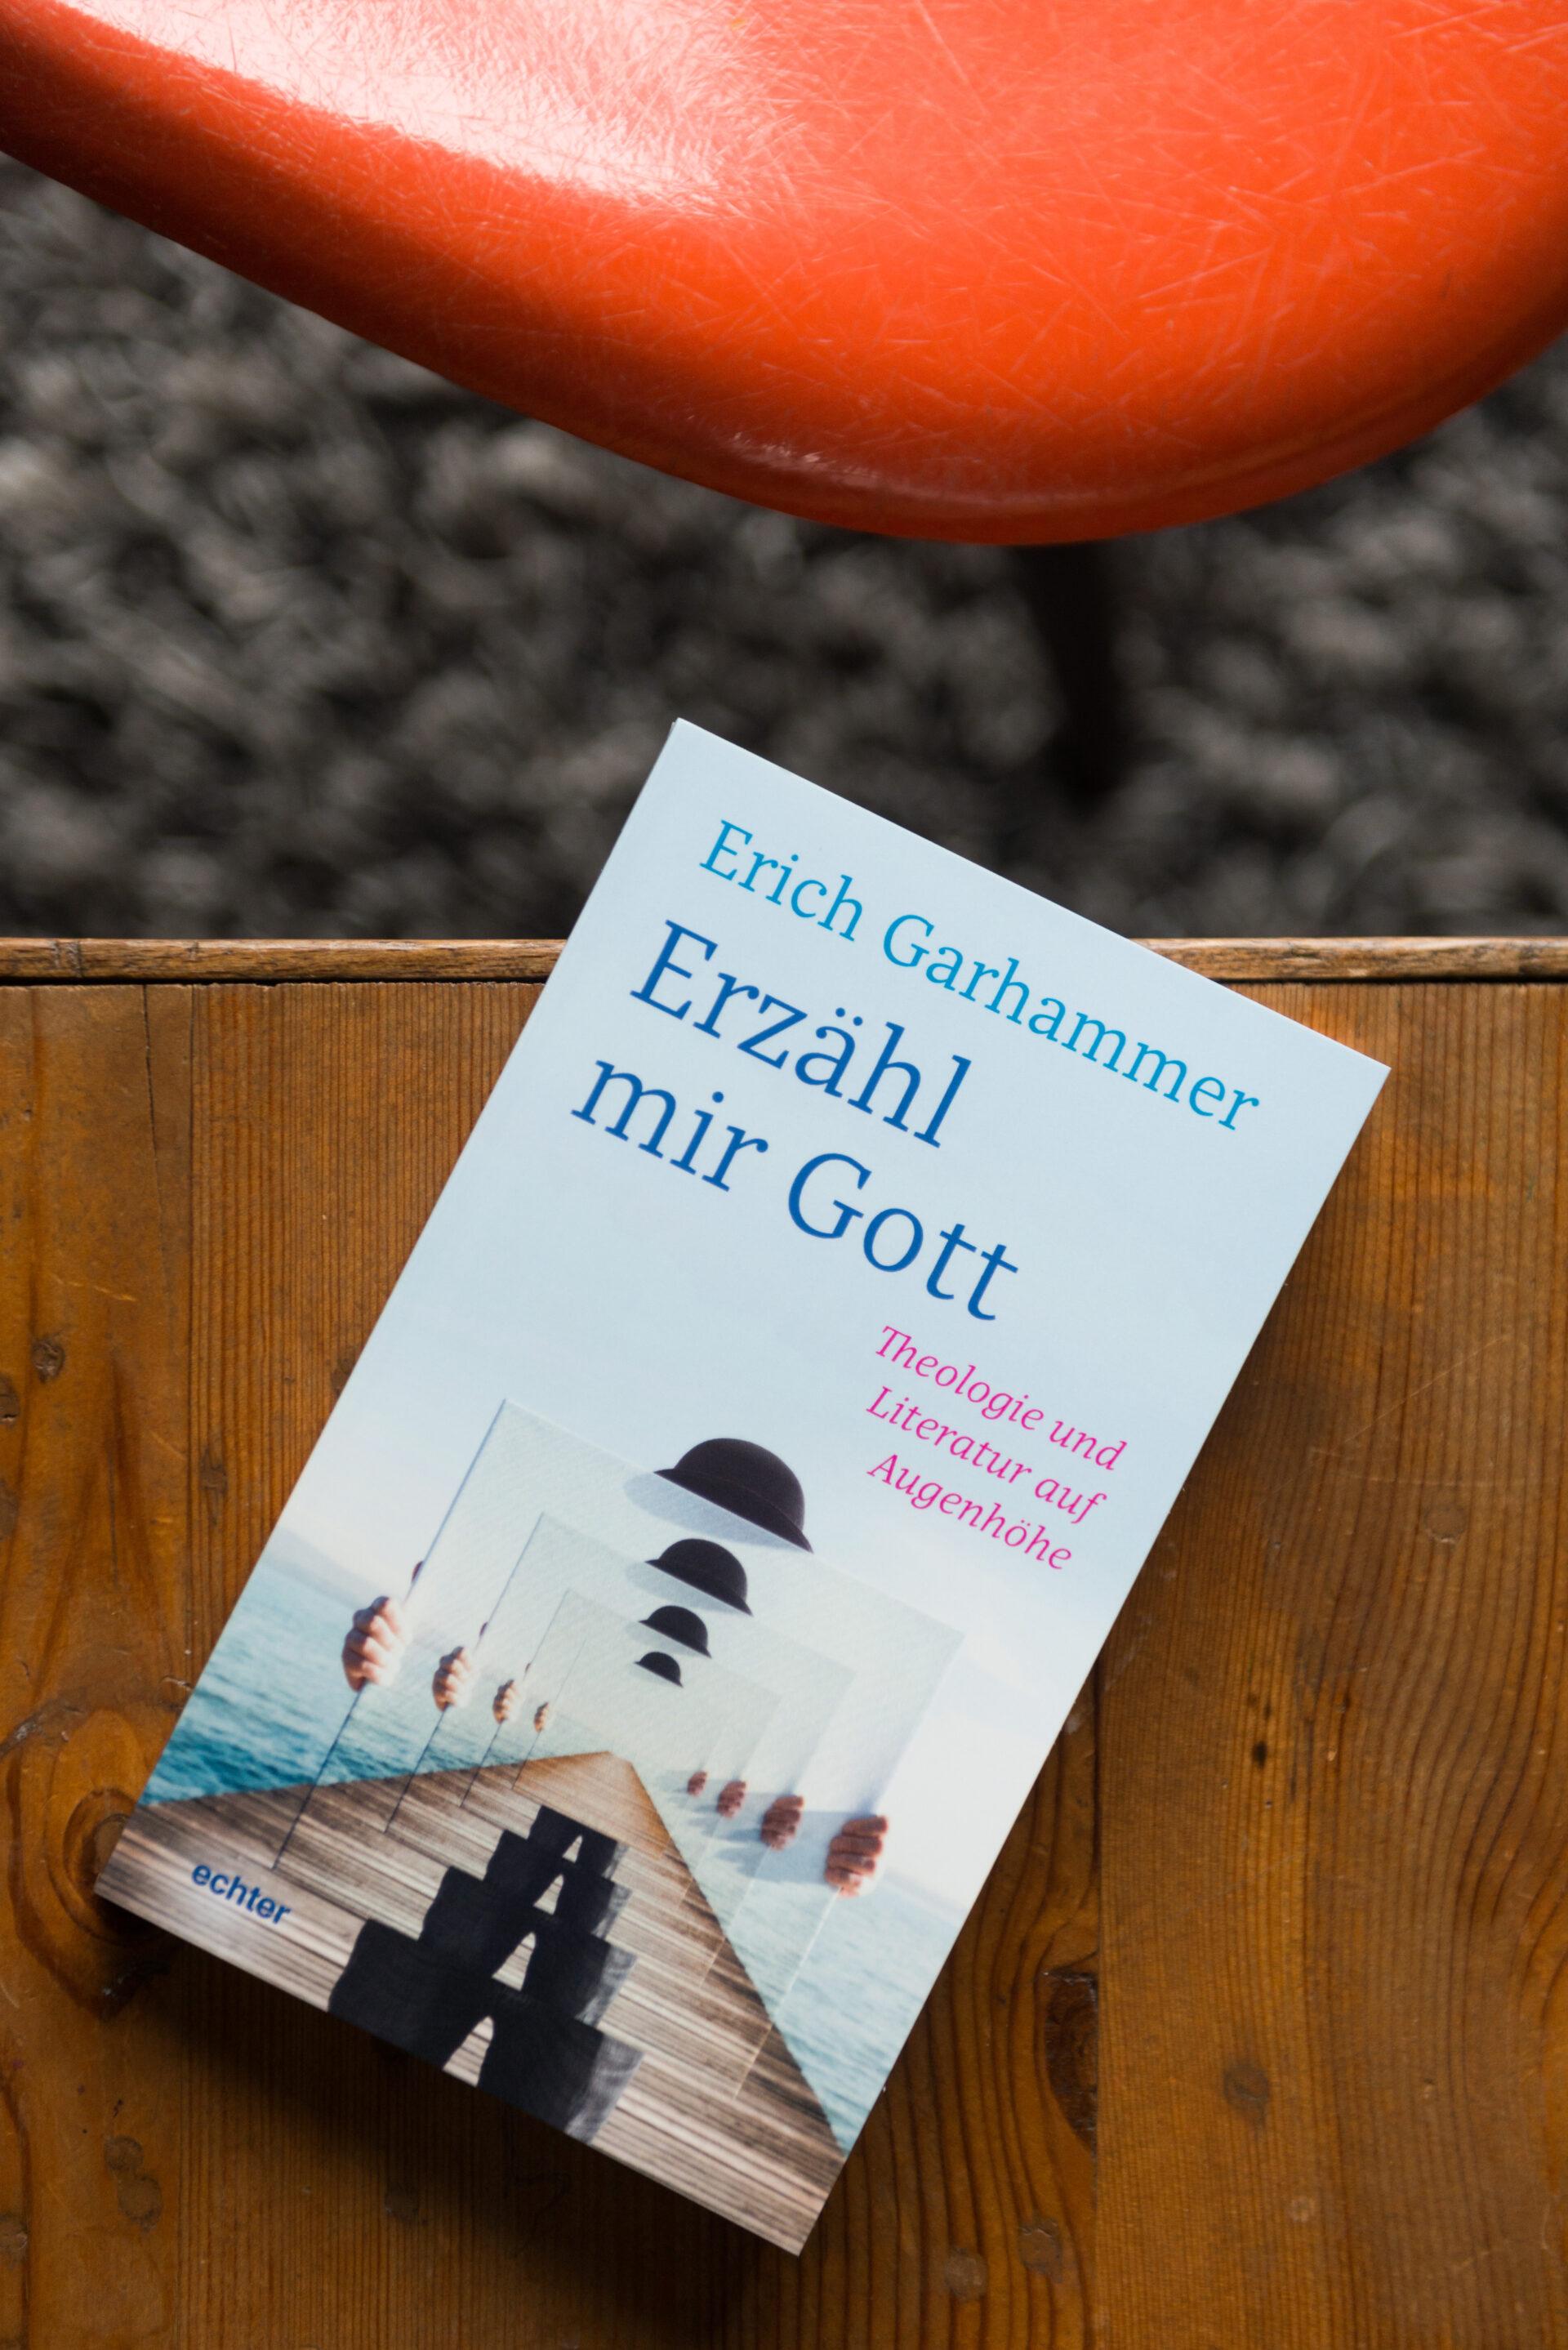 Produktbild Buch Erzähl mir Gott von Erich Garhammer